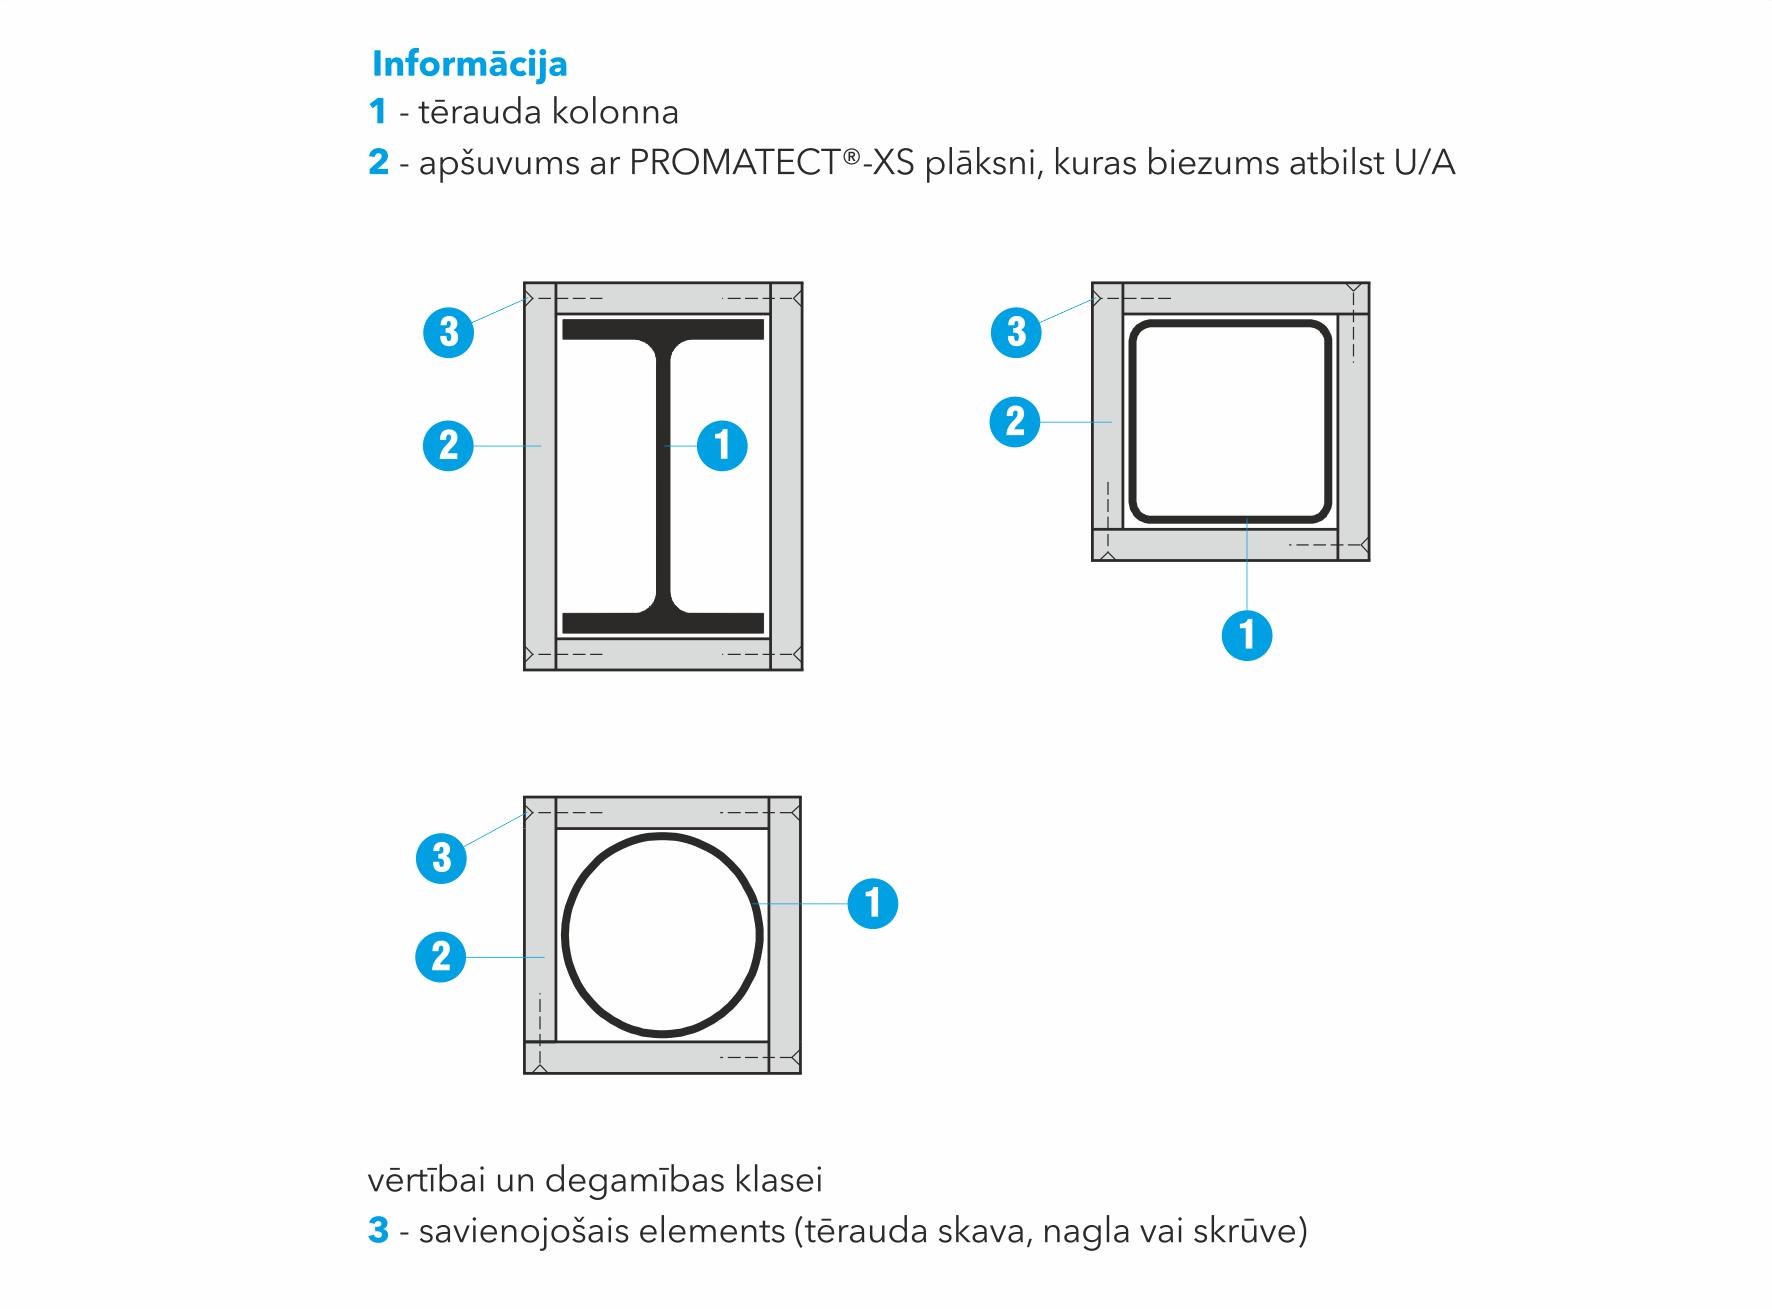 PROMATECT®-XS plāksnes. Tehniskā informācija. Skices